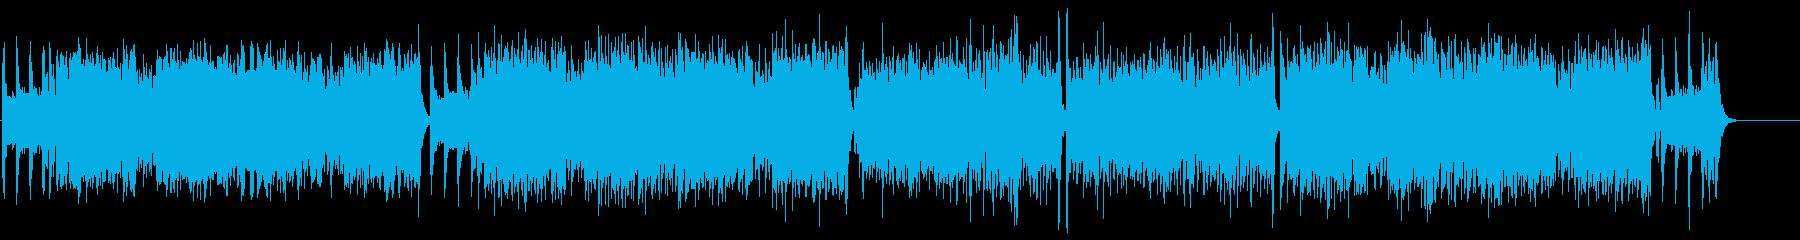 ザッツ・エンターテイメントなサウンドの再生済みの波形